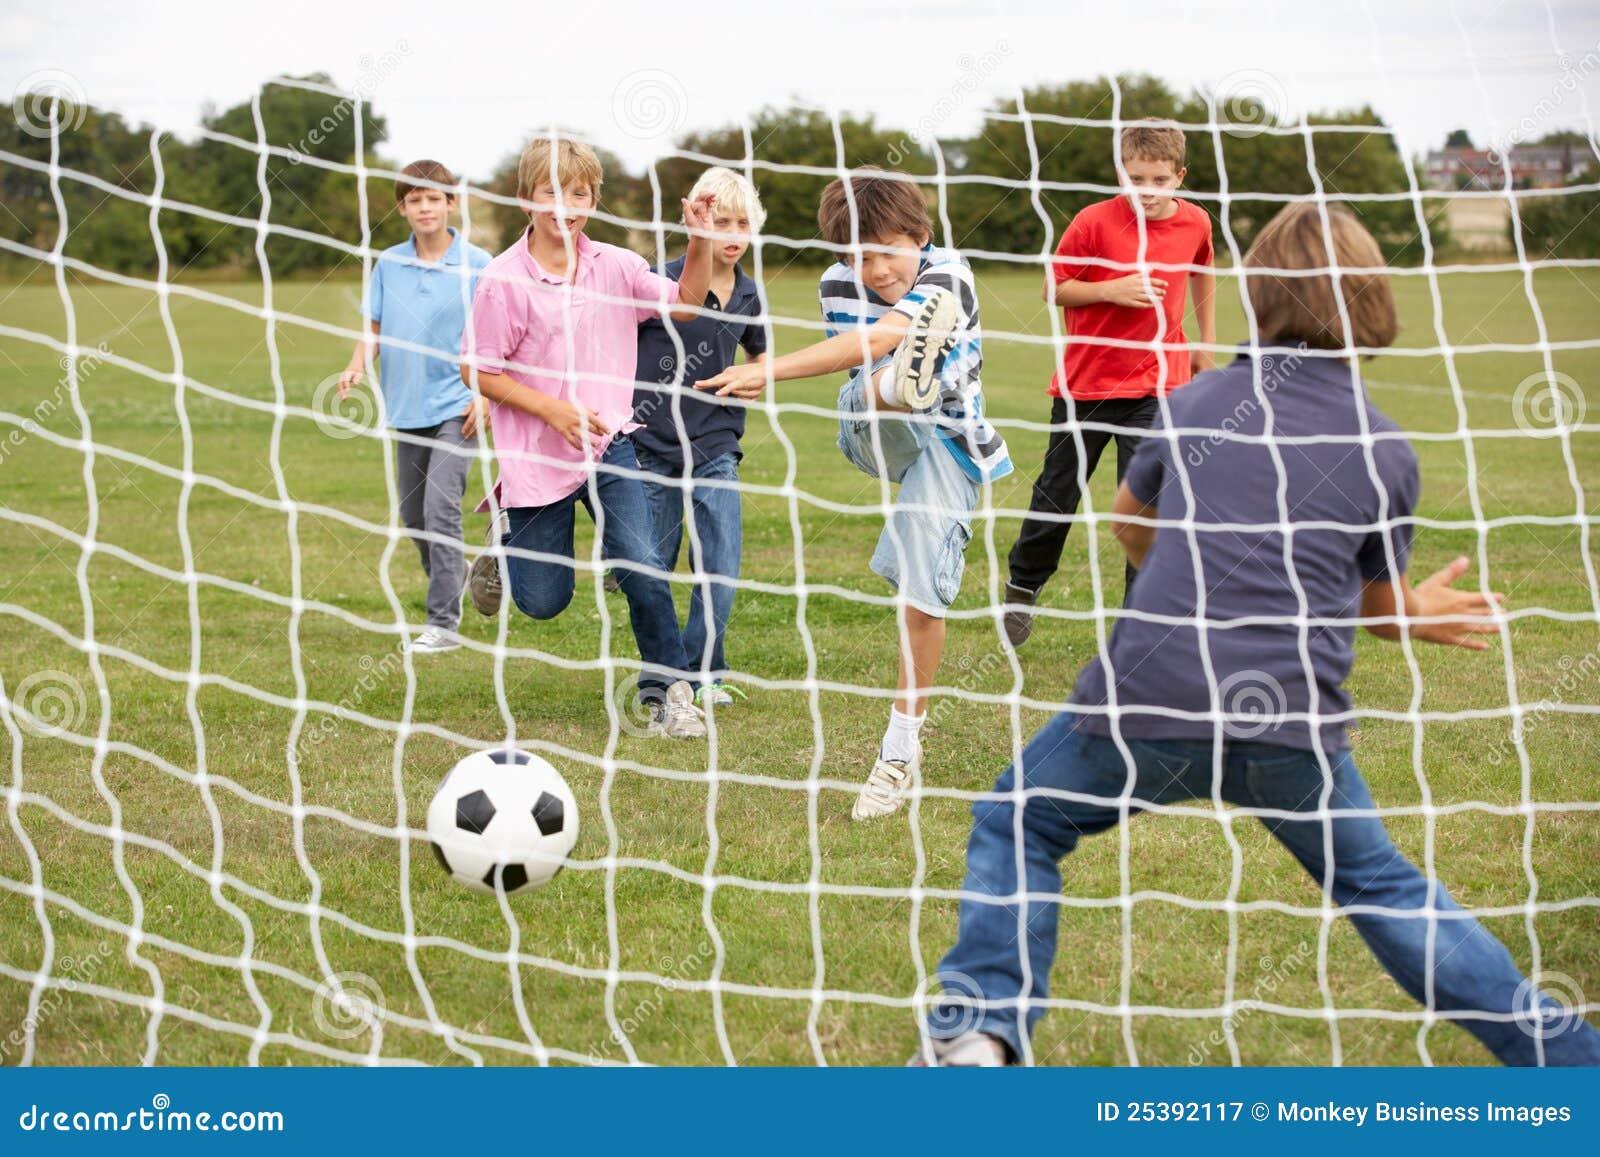 踢足球的男孩公园